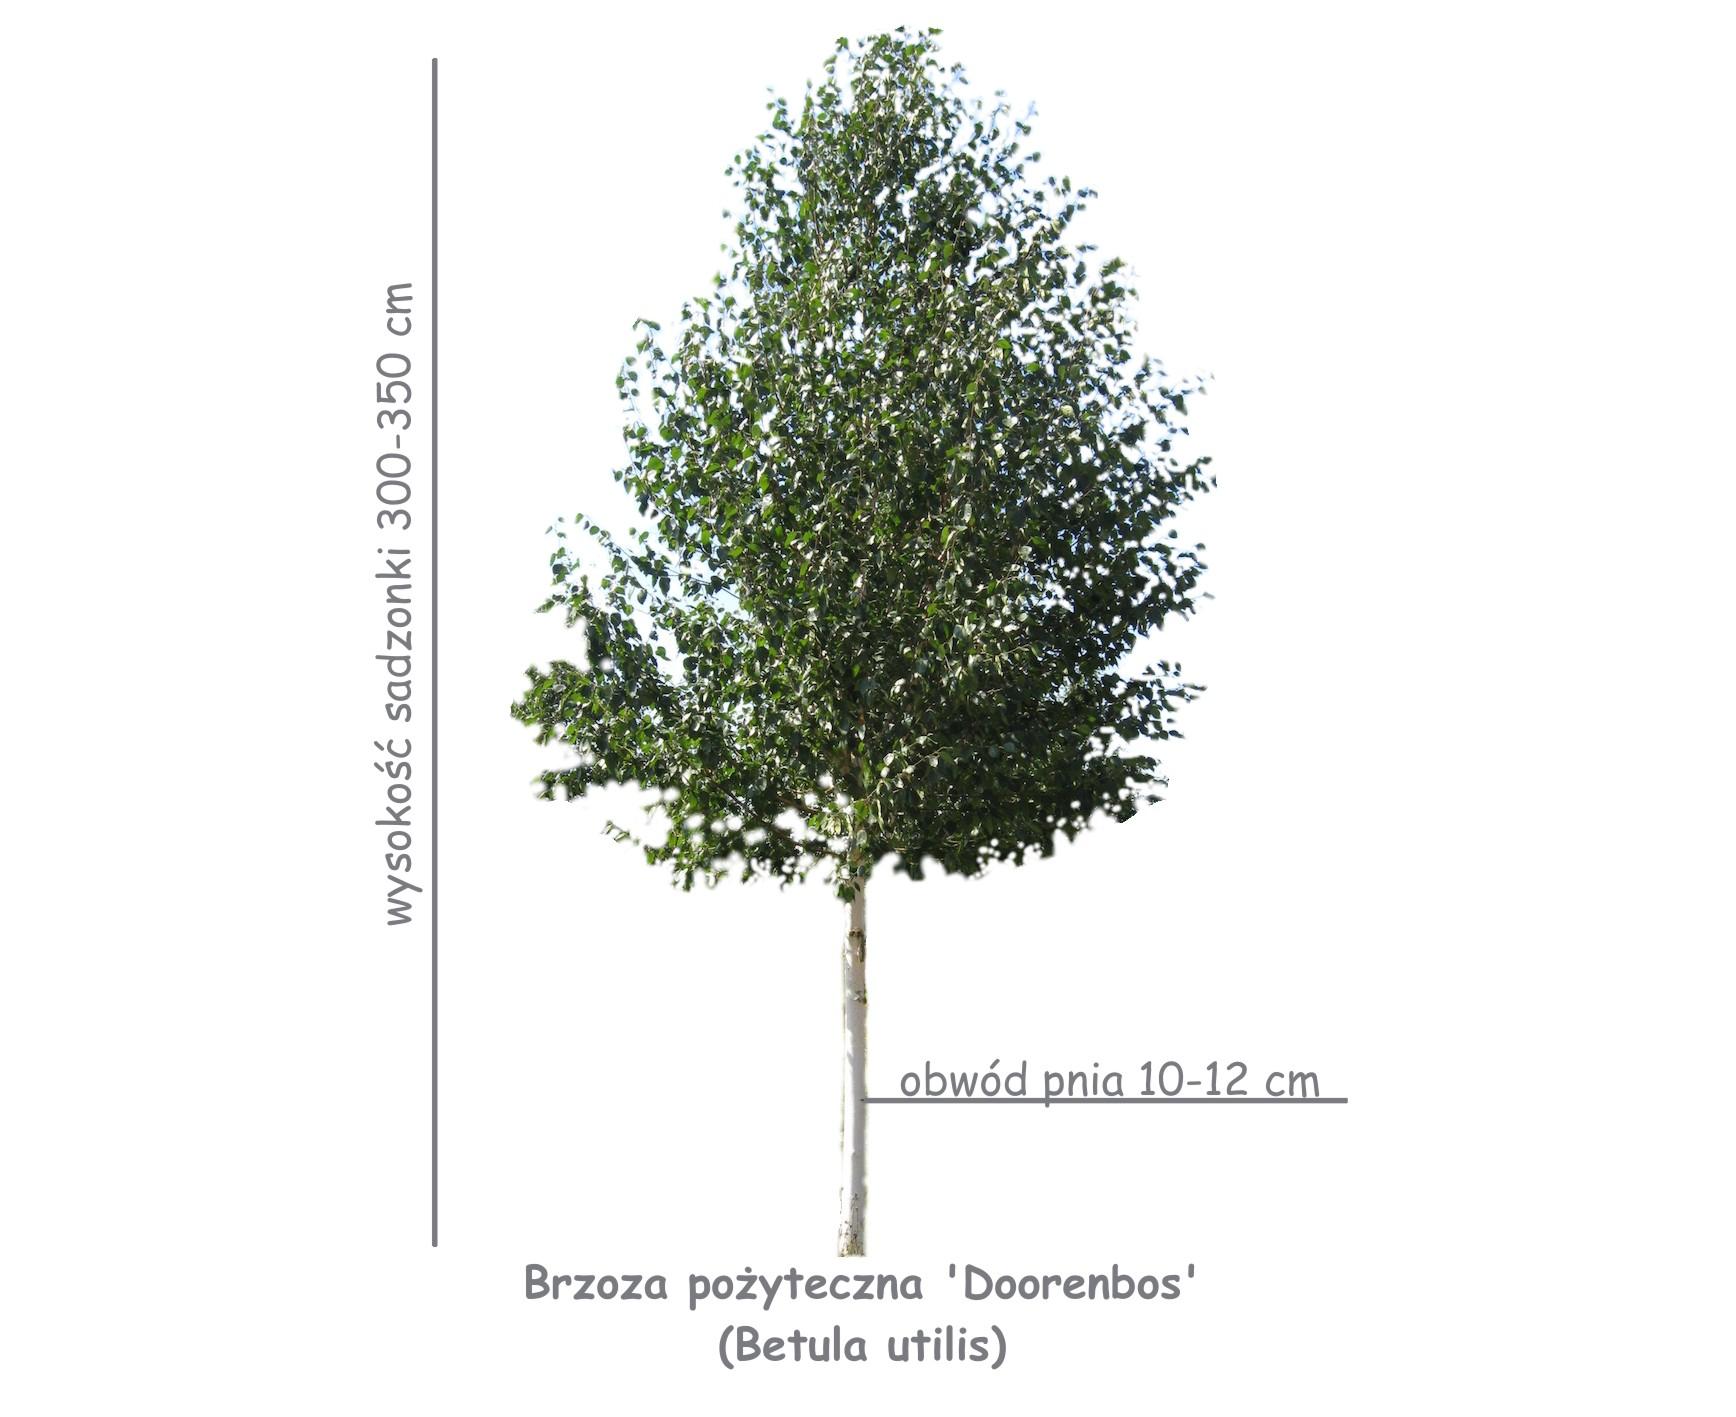 Brzoza pożyteczna 'Doorenbos' (Betula utilis) sadzonka o obwodzie 10-12 cm